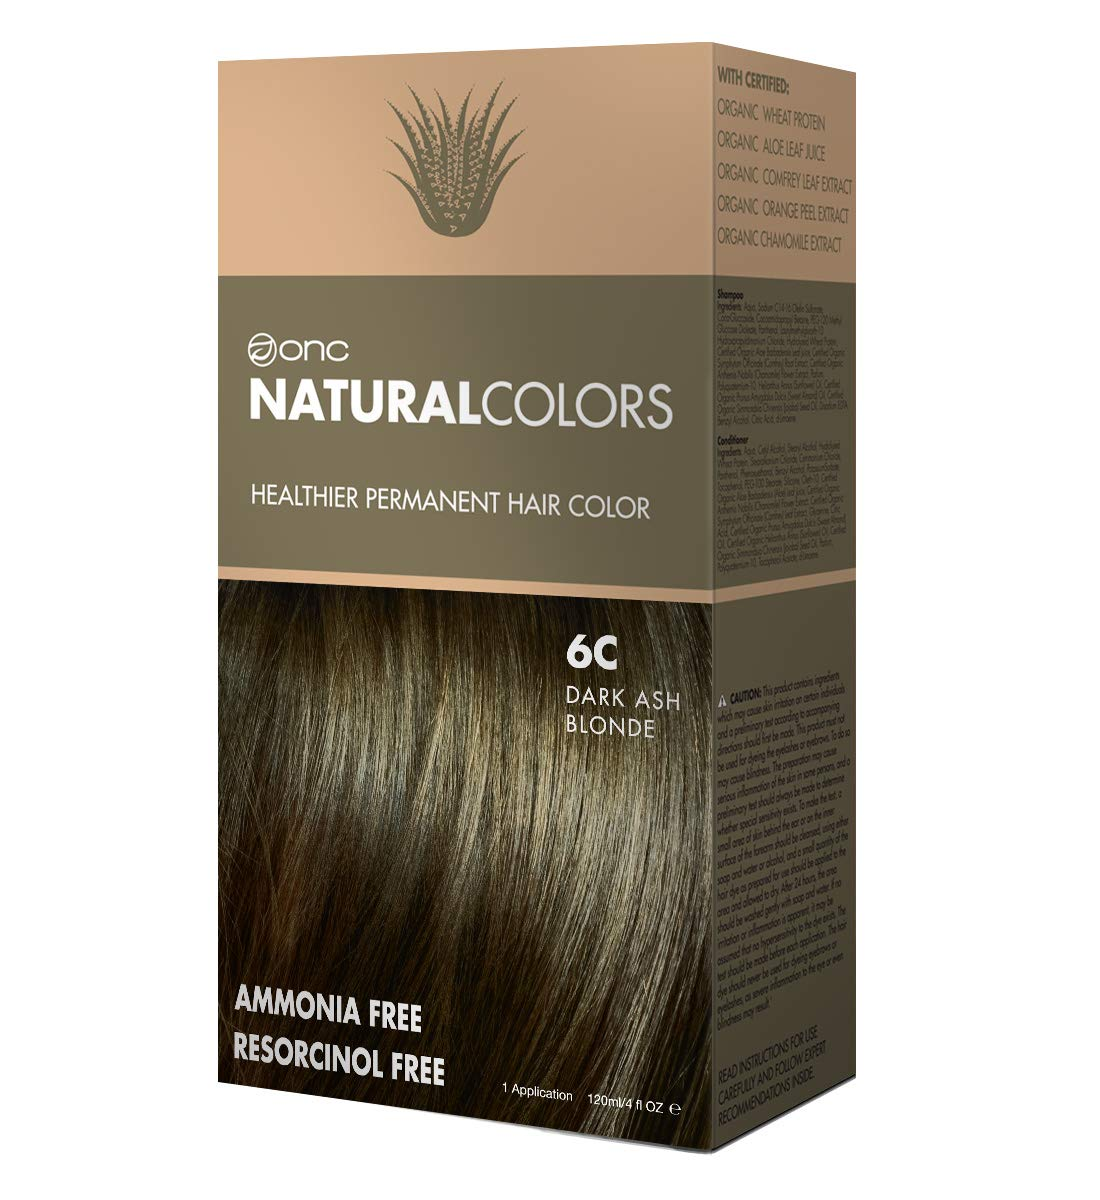 Amazon Onc Naturalcolors 6c Dark Ash Blonde Healthier